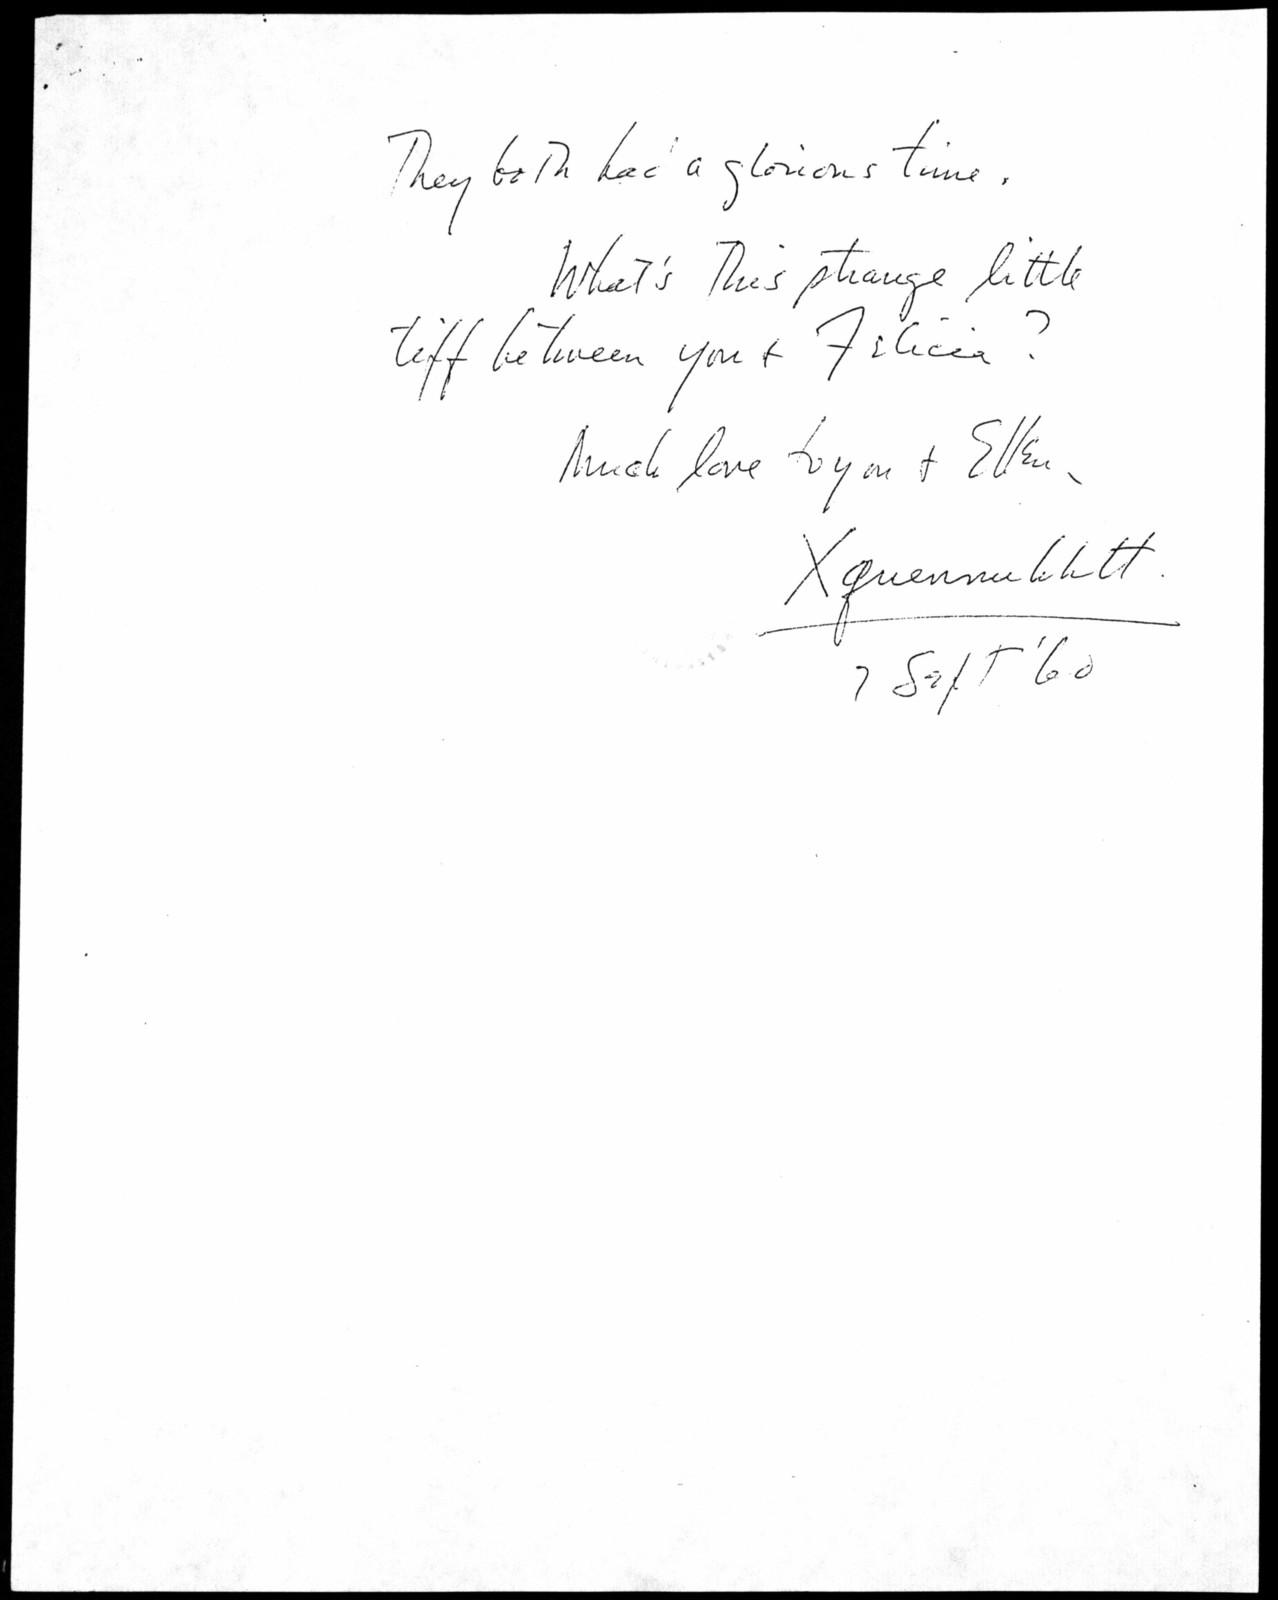 Letter from Leonard Bernstein to Burton Bernstein, September 1960